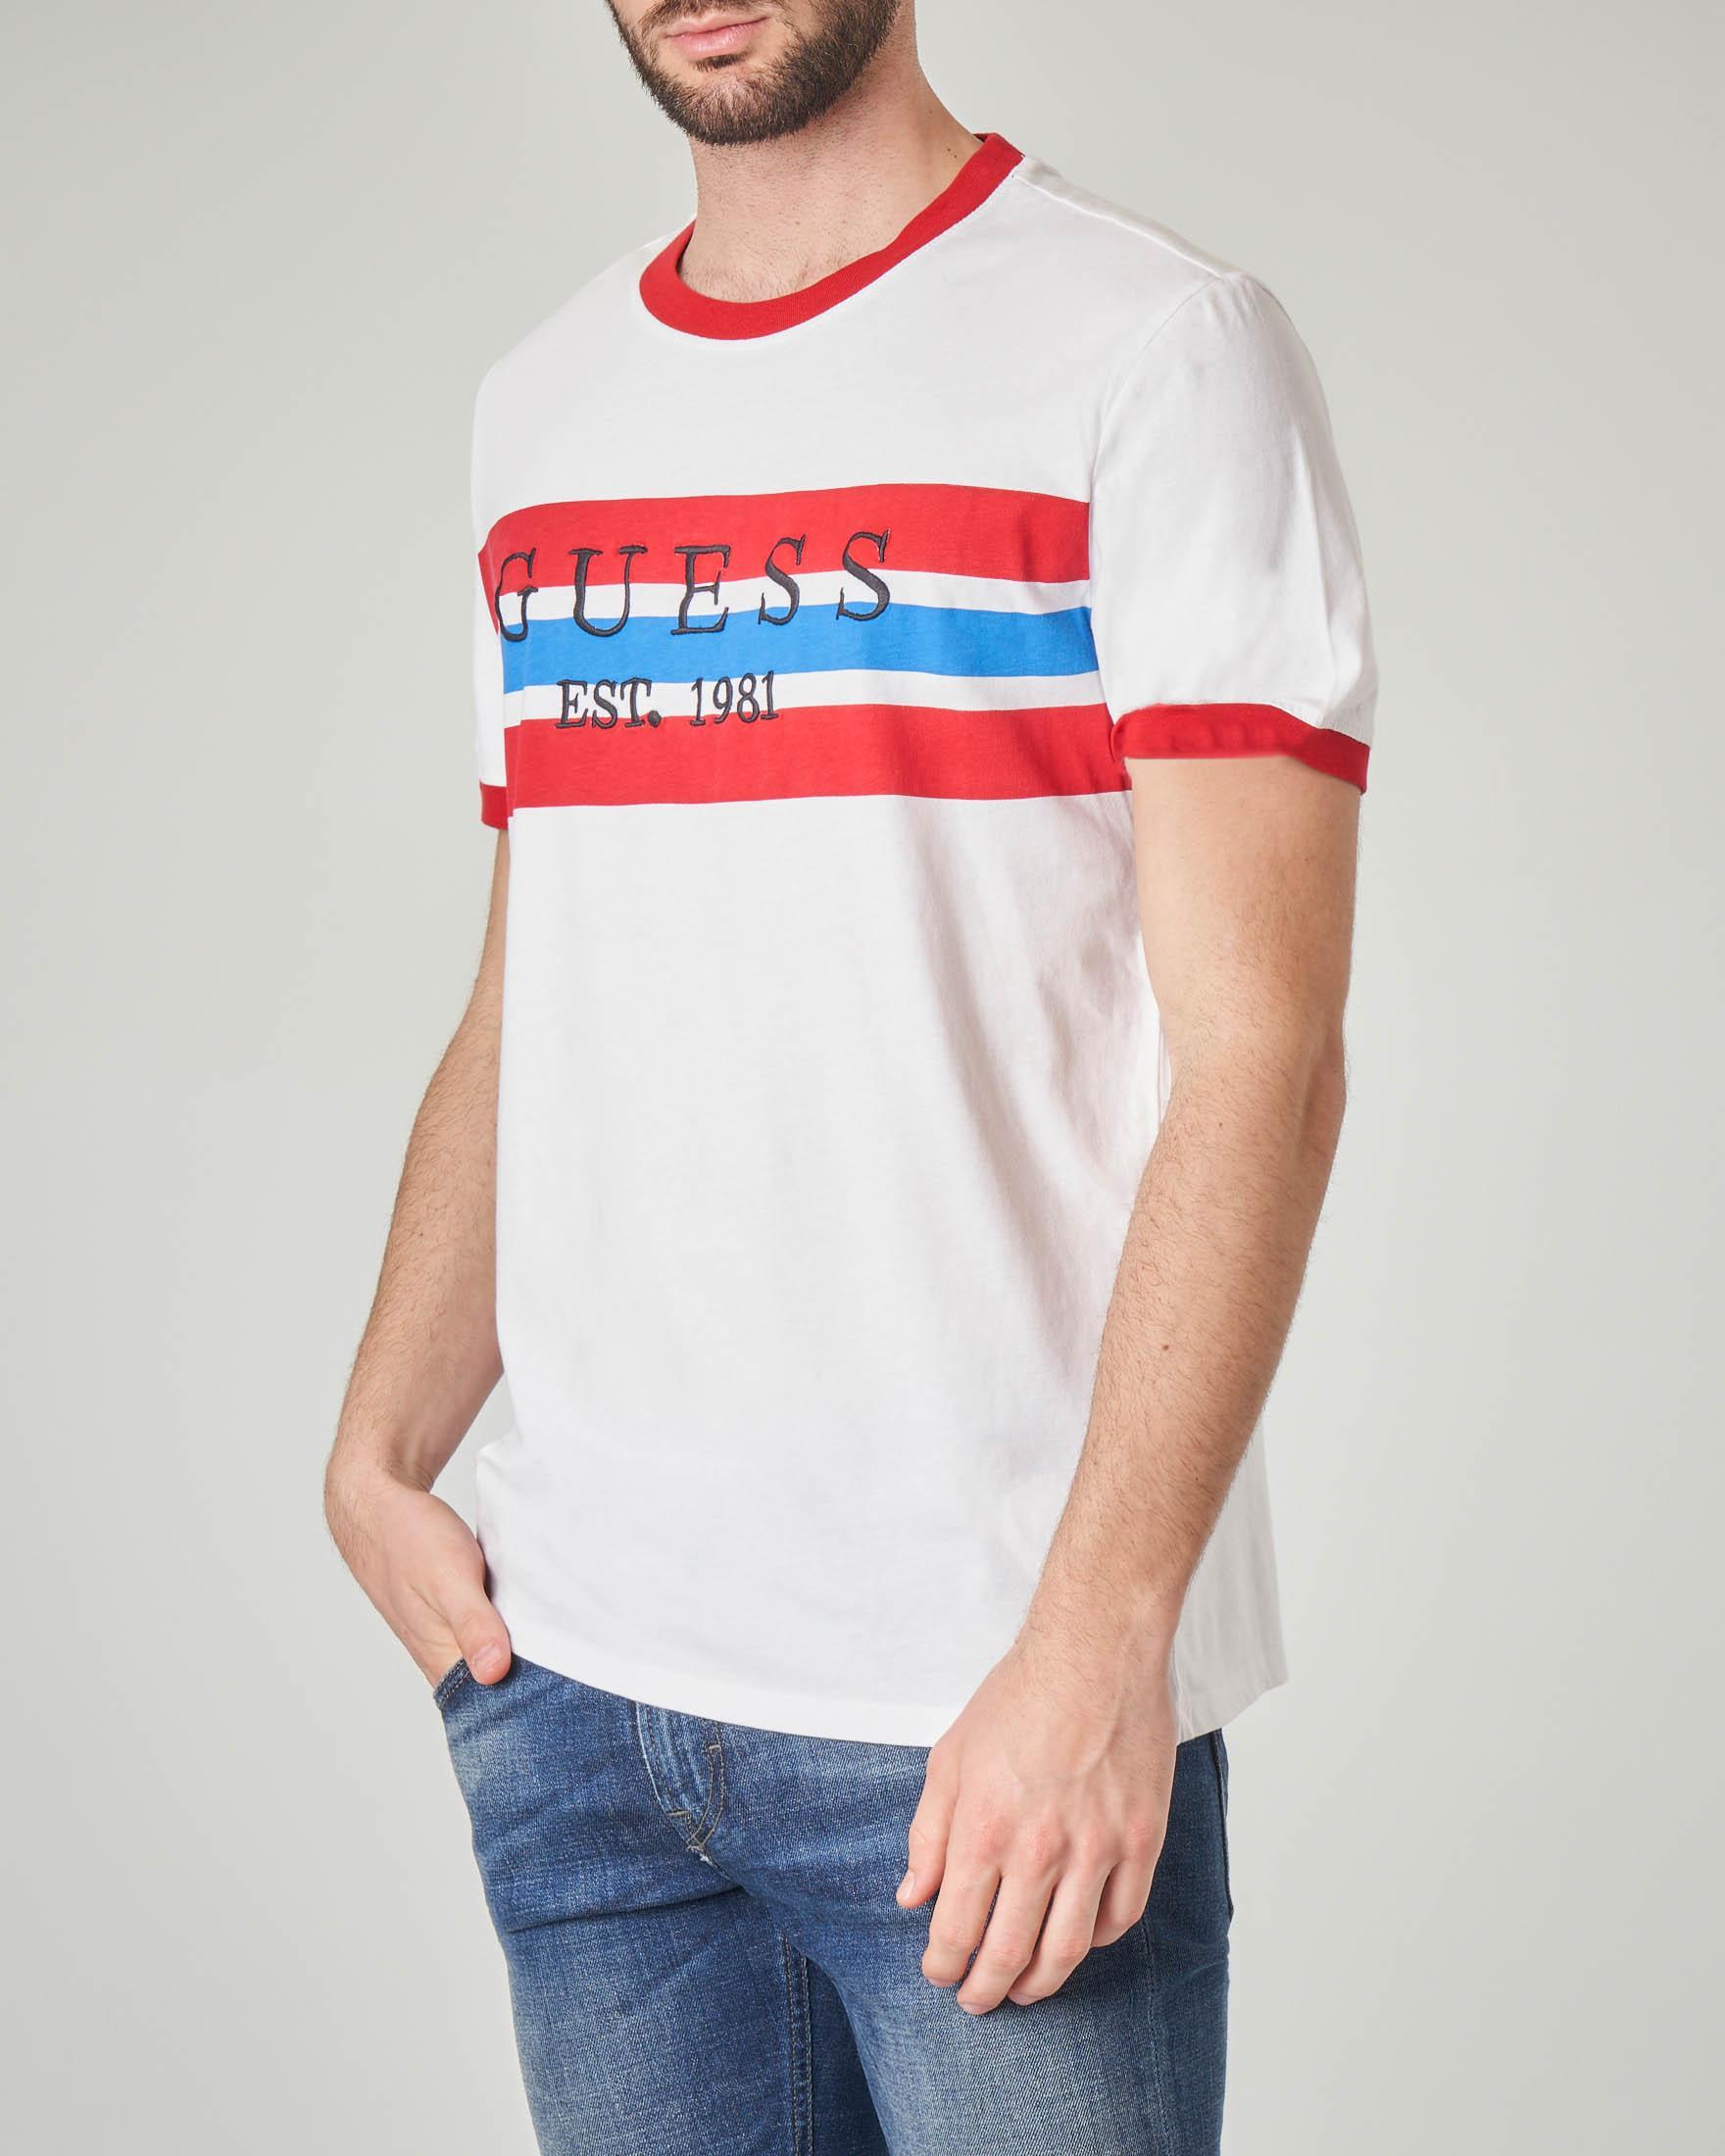 T-shirt bianca con riga bicolore piazzata